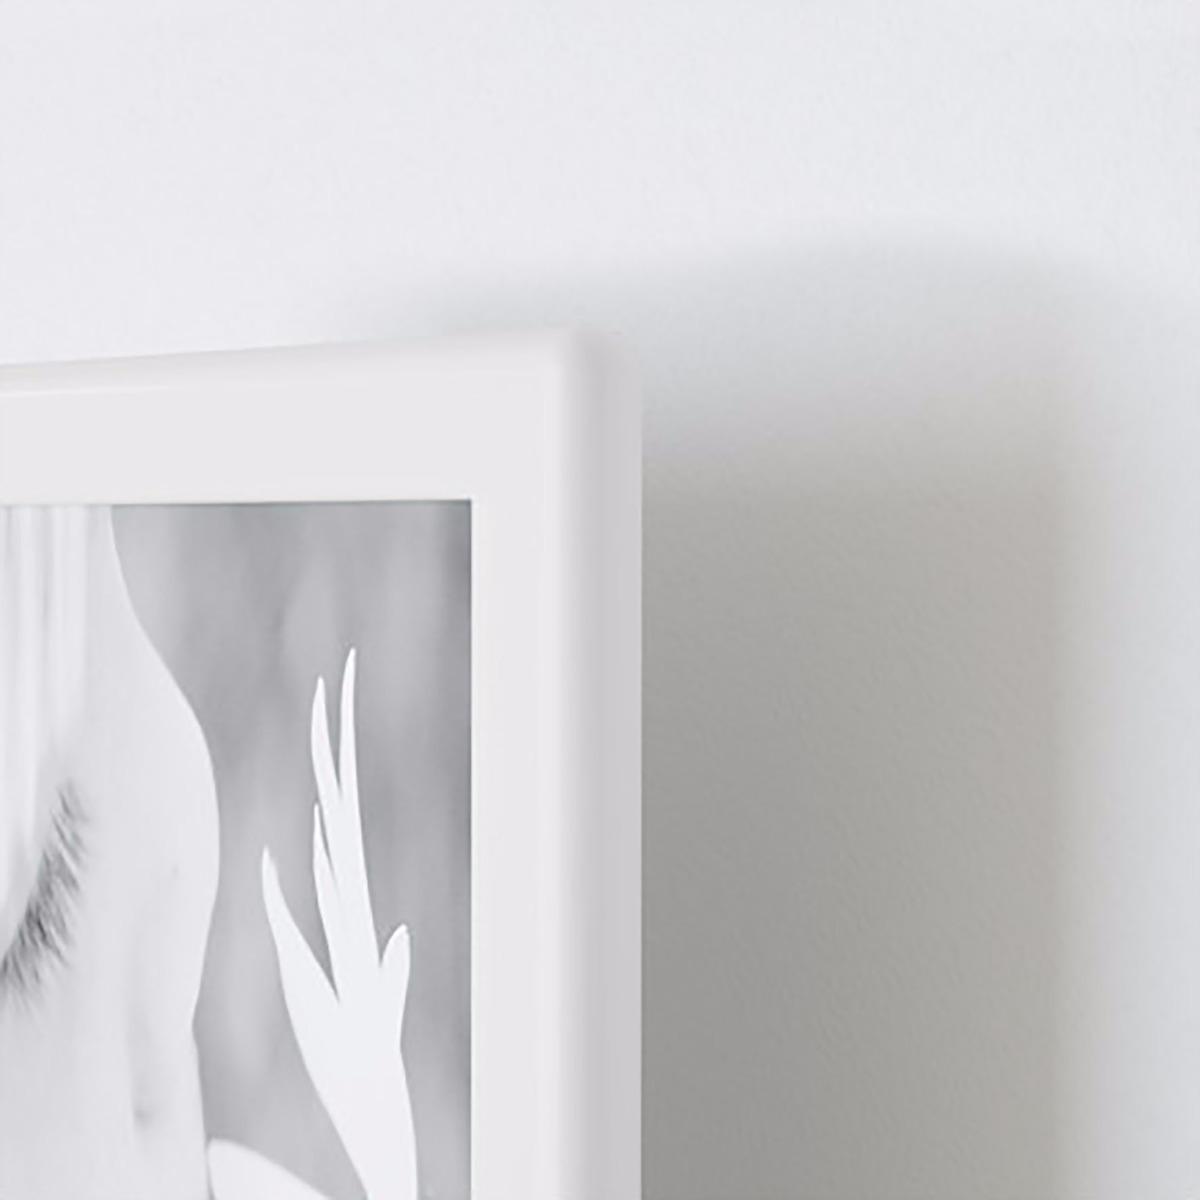 Vistoso Ikea Marcos Blancos Imágenes - Ideas Personalizadas de Marco ...